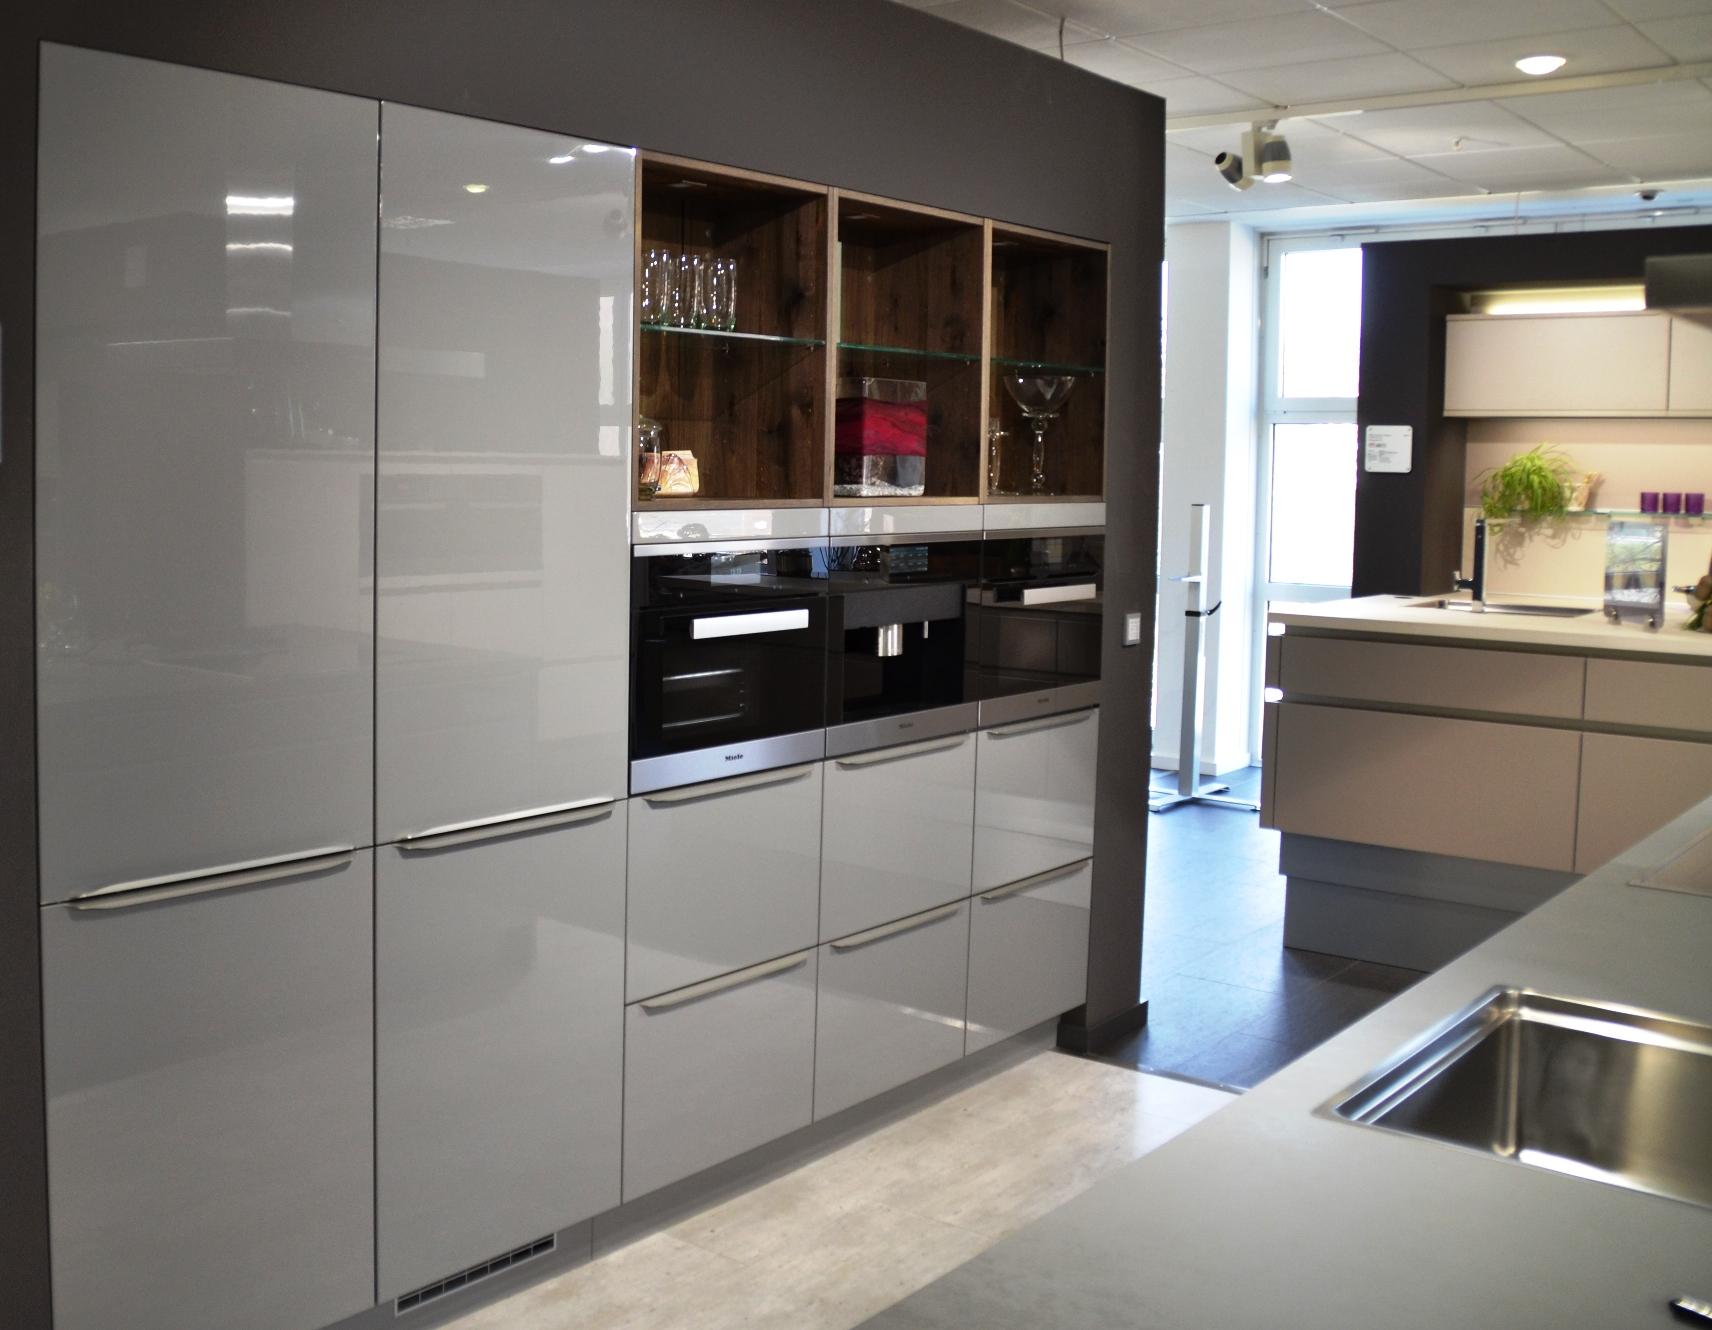 Einbaukühlschränke  WENDL Küchen – Ihr Fachmann für Einbaukühlschränke - Küchenhaus ...